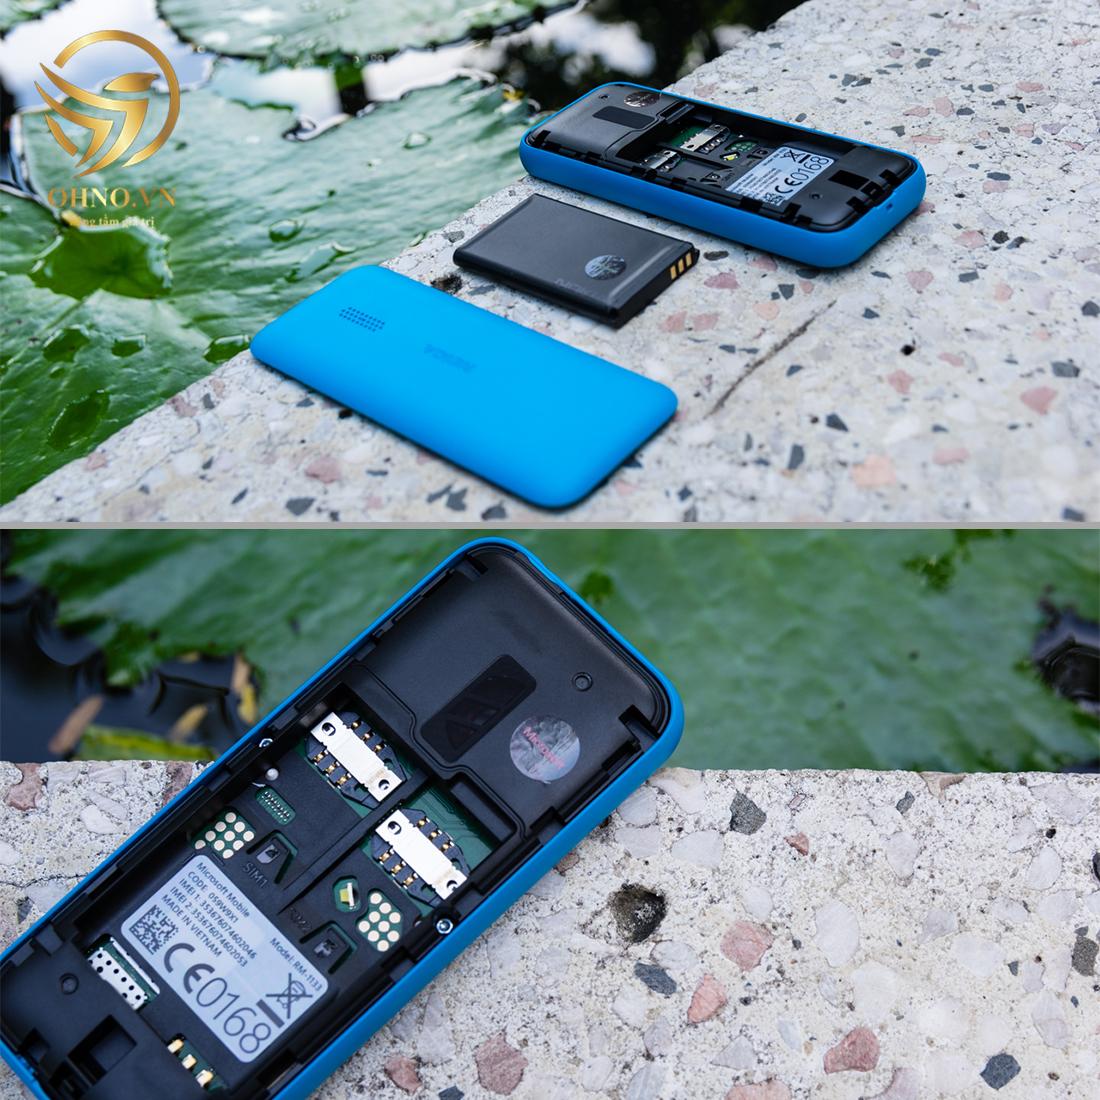 linh kiện điện thoại nokia 105